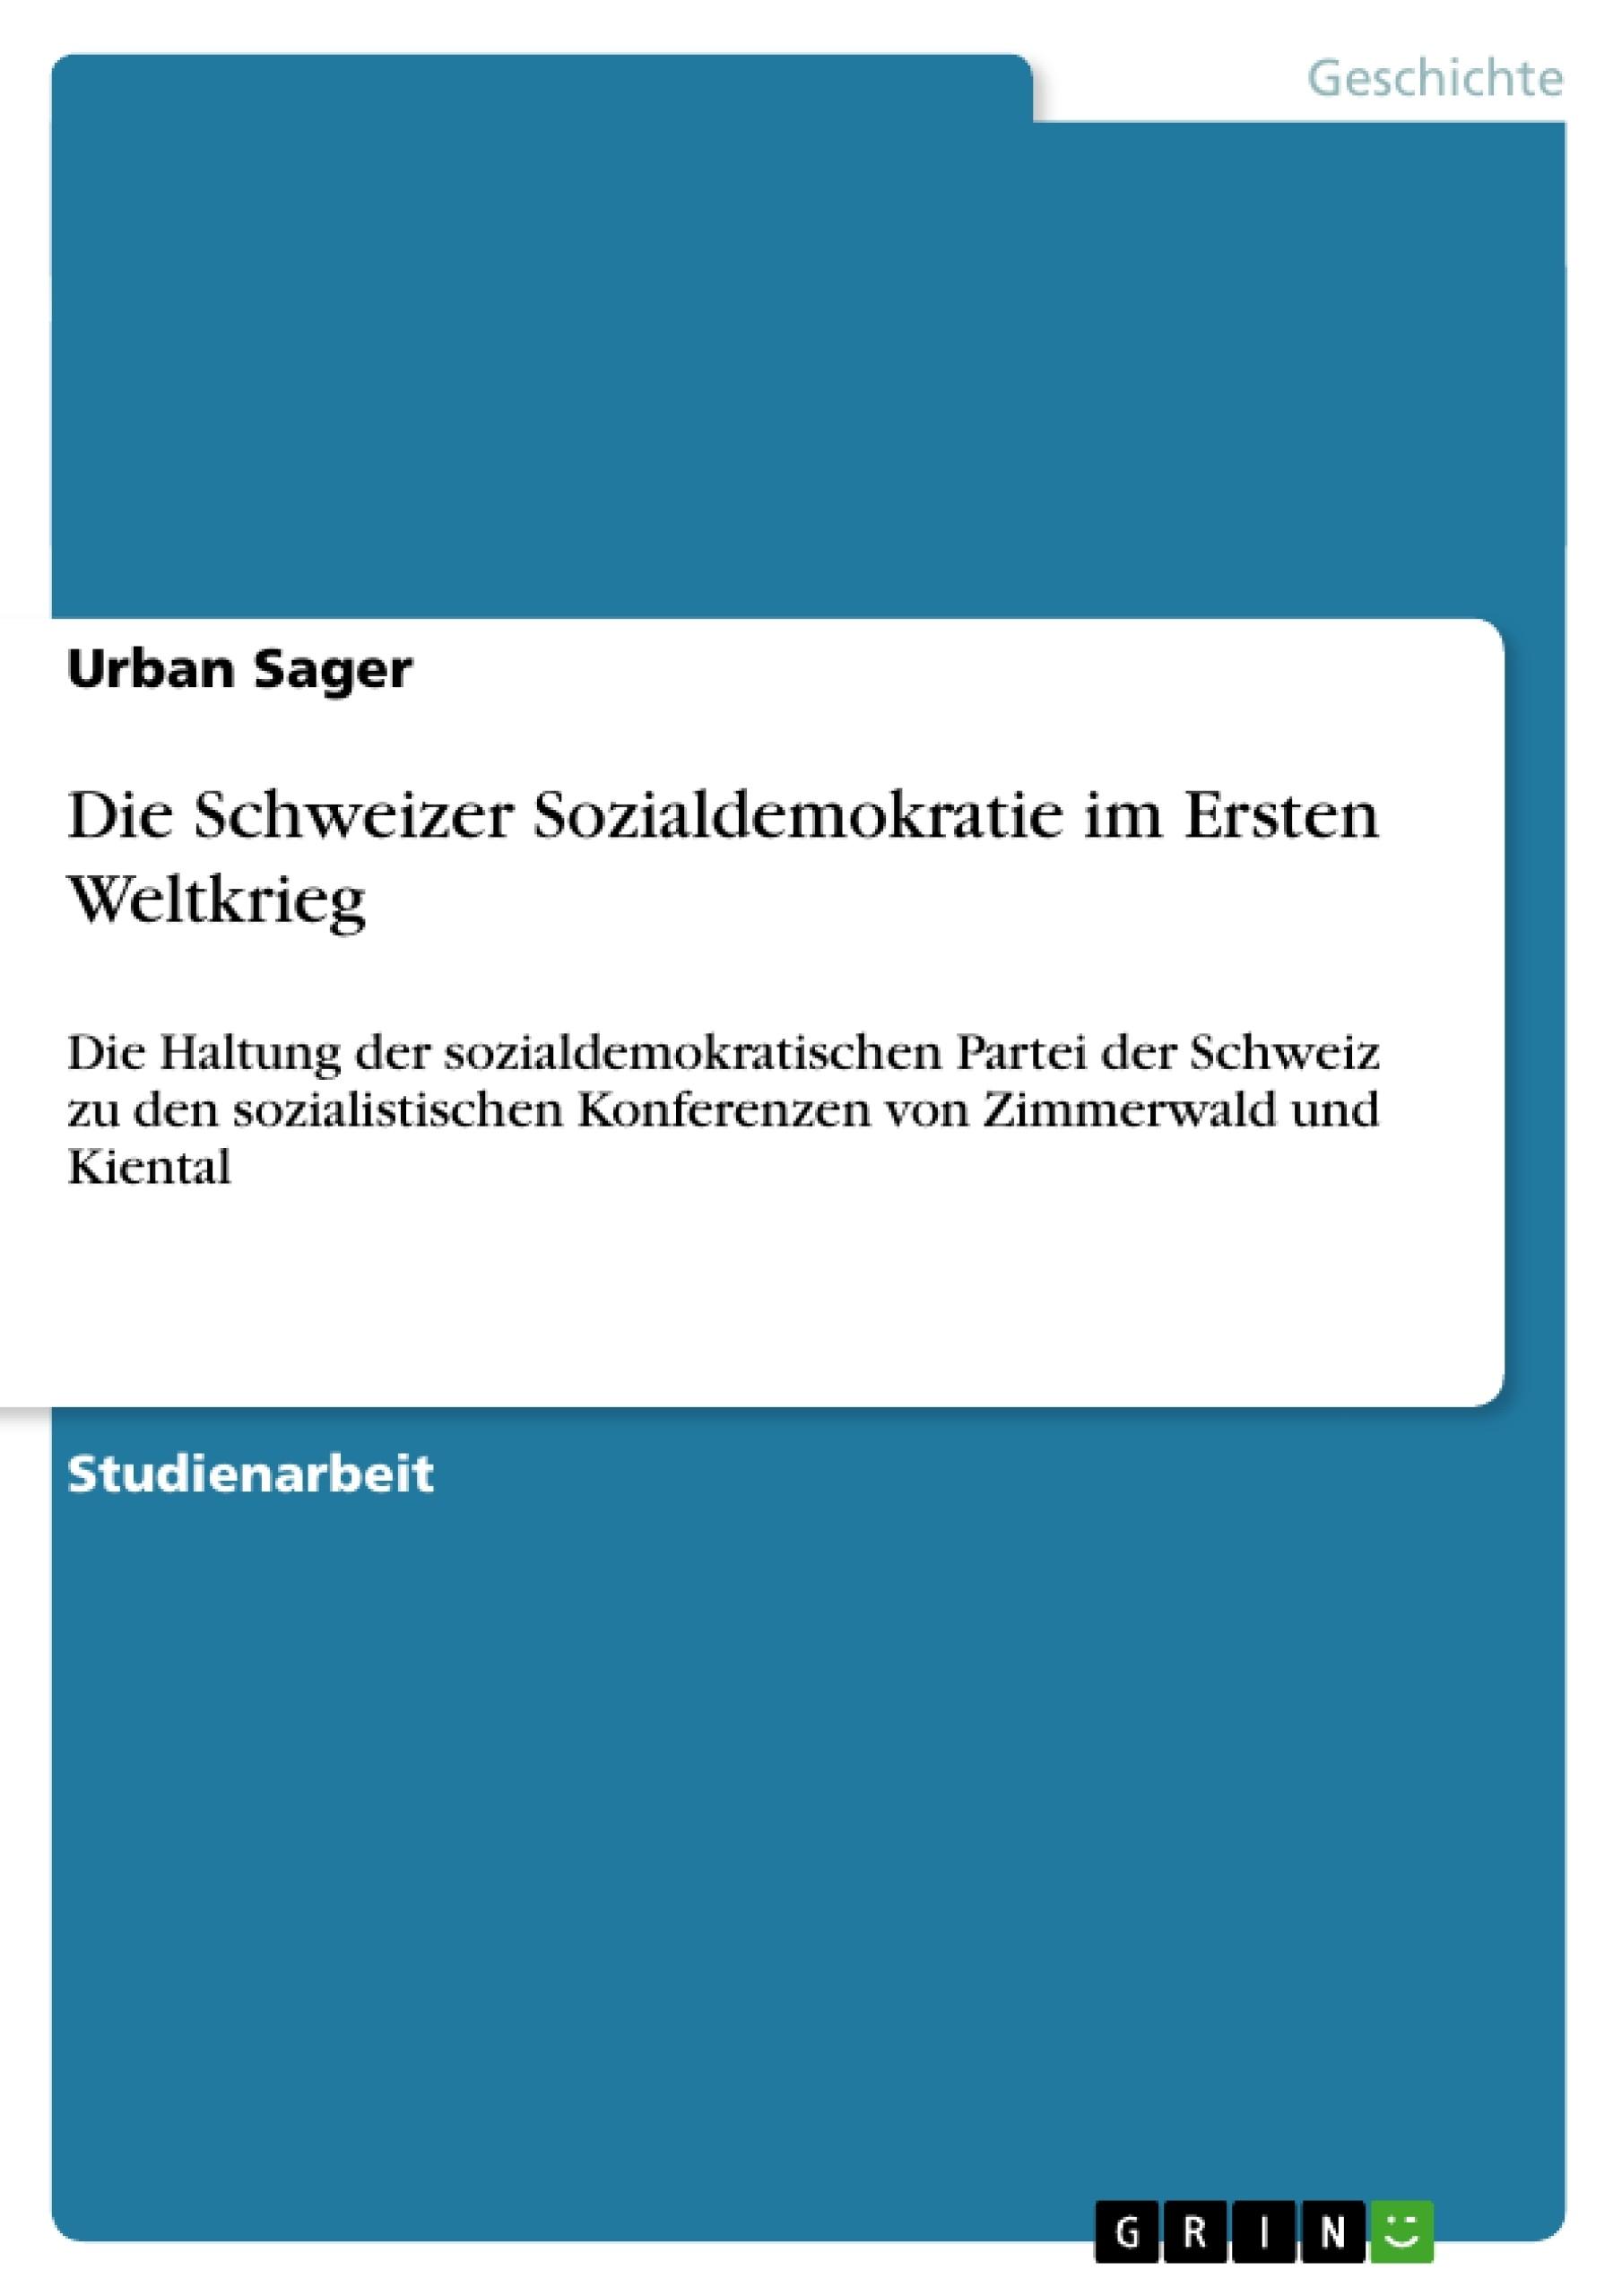 Titel: Die Schweizer Sozialdemokratie im Ersten Weltkrieg